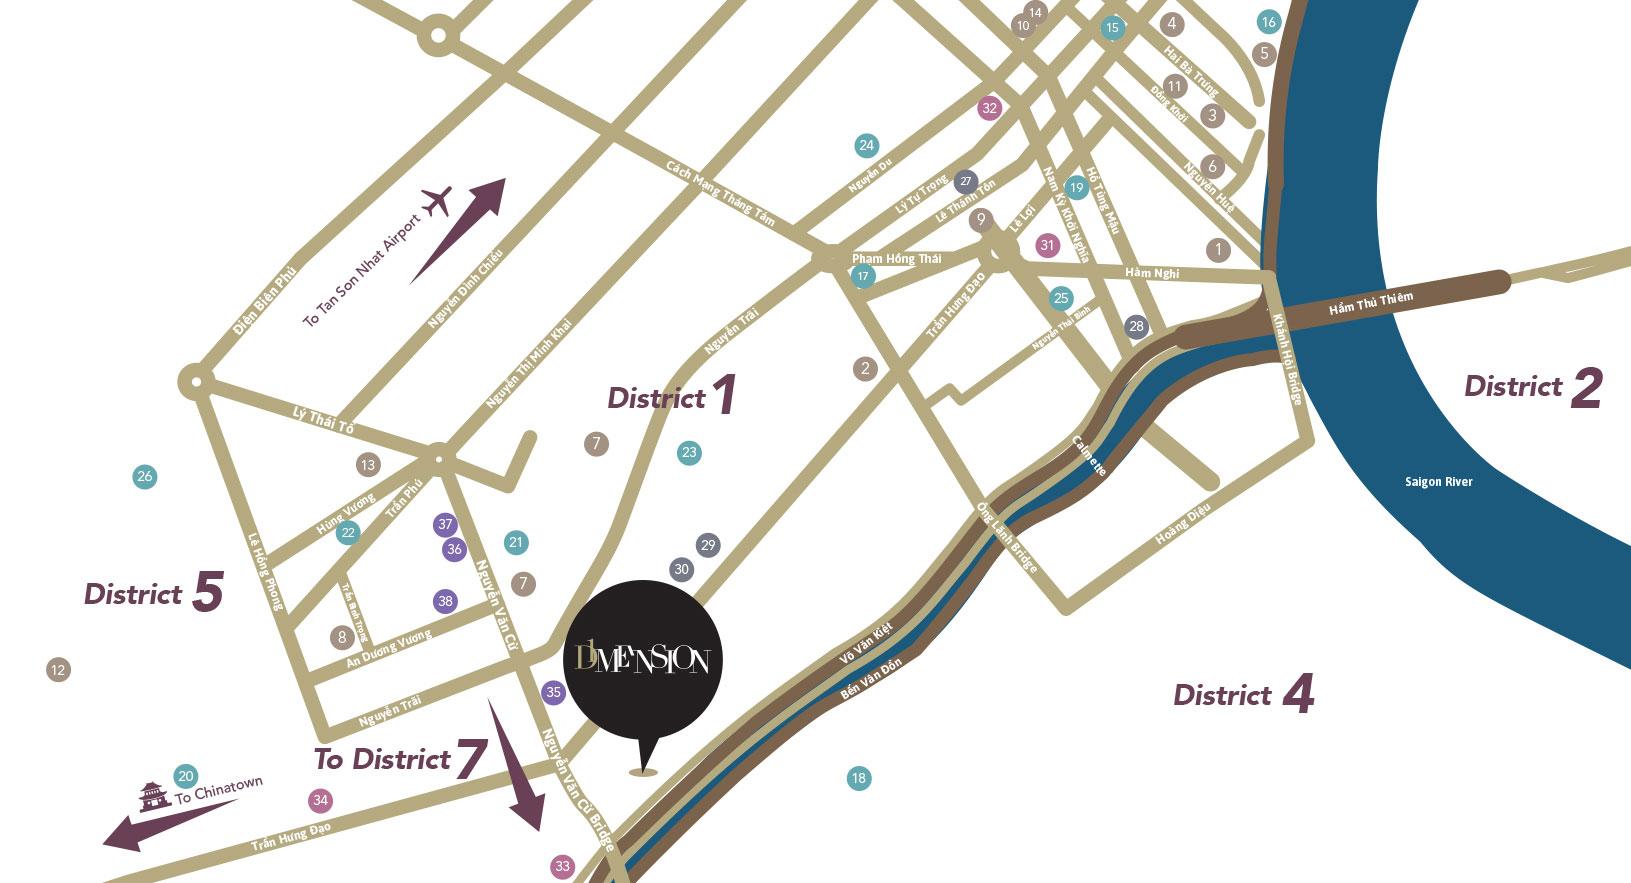 D1mension location